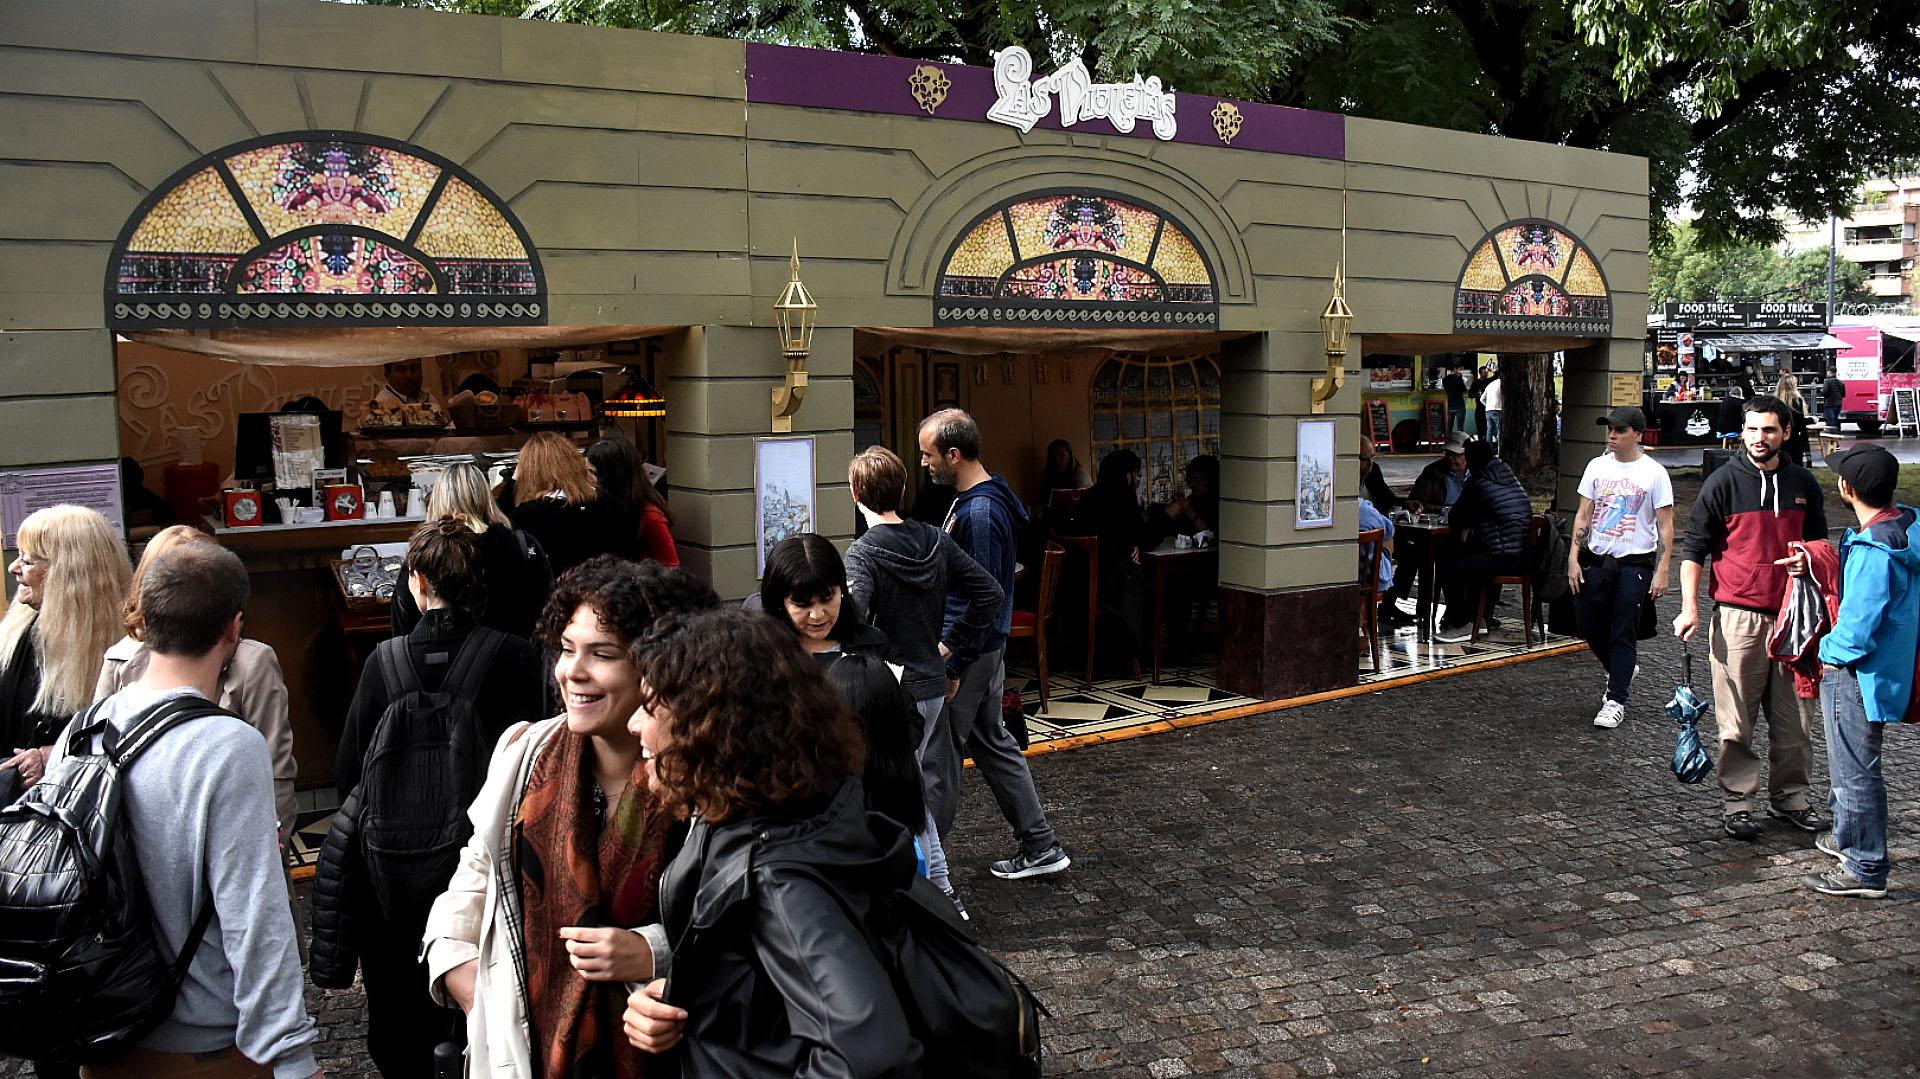 Como festejo del 135º aniversario de la Confitería Las Violetas y ganador en 2017 del concurso al Mejor Café Notable de la Ciudad, en FECA recrearon la fachada de la mítica confitería de Almagro de Medrano y Rivadavia. Ahí había mesas de madera simulando estar dentro de Las Violetas